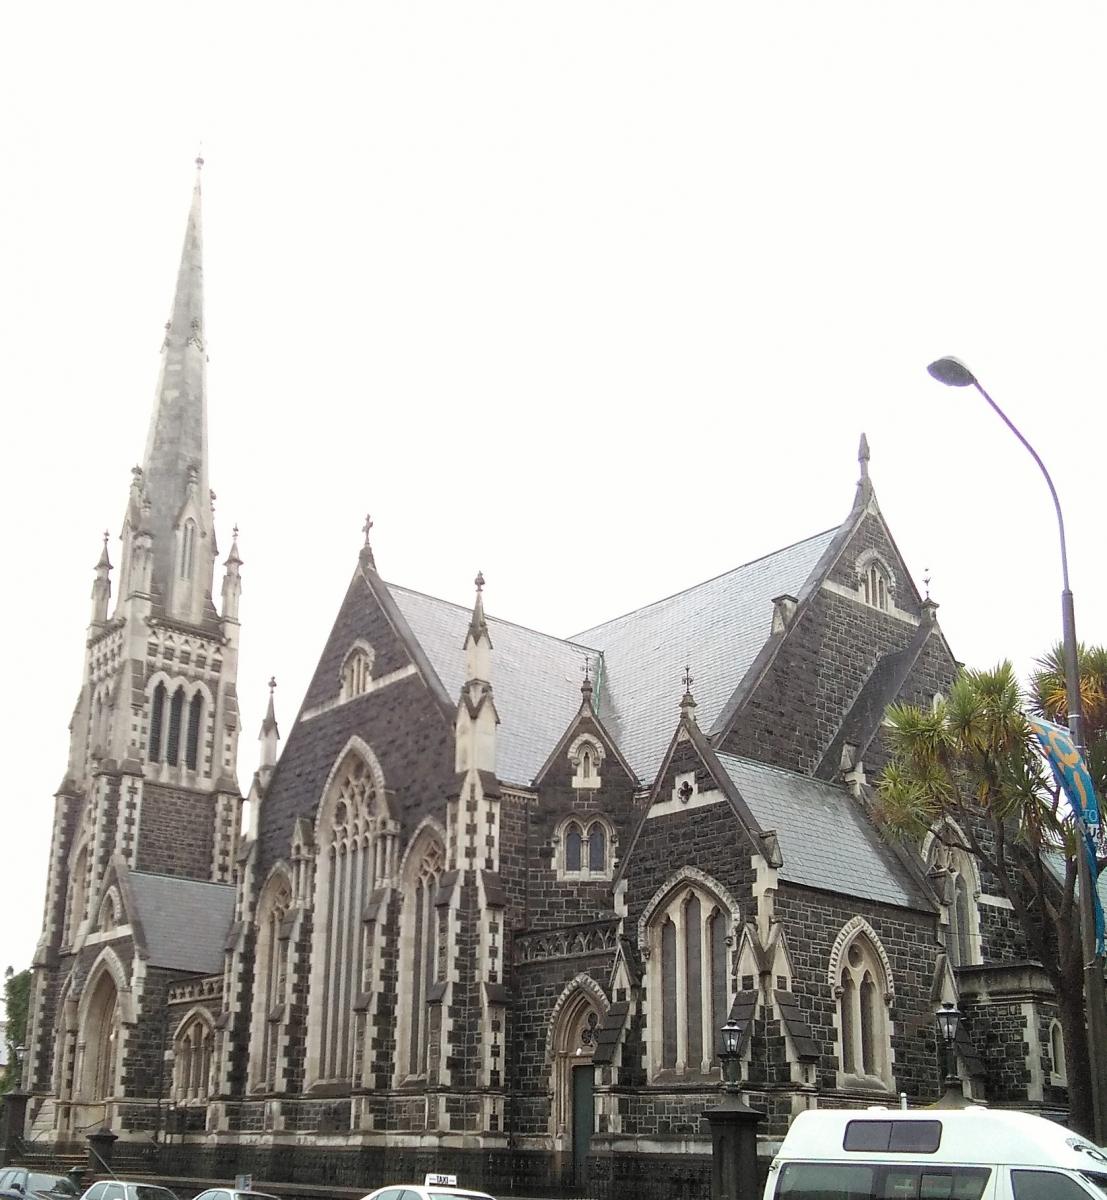 环新西兰游轮第二站——Dunedin但尼丁_图1-10